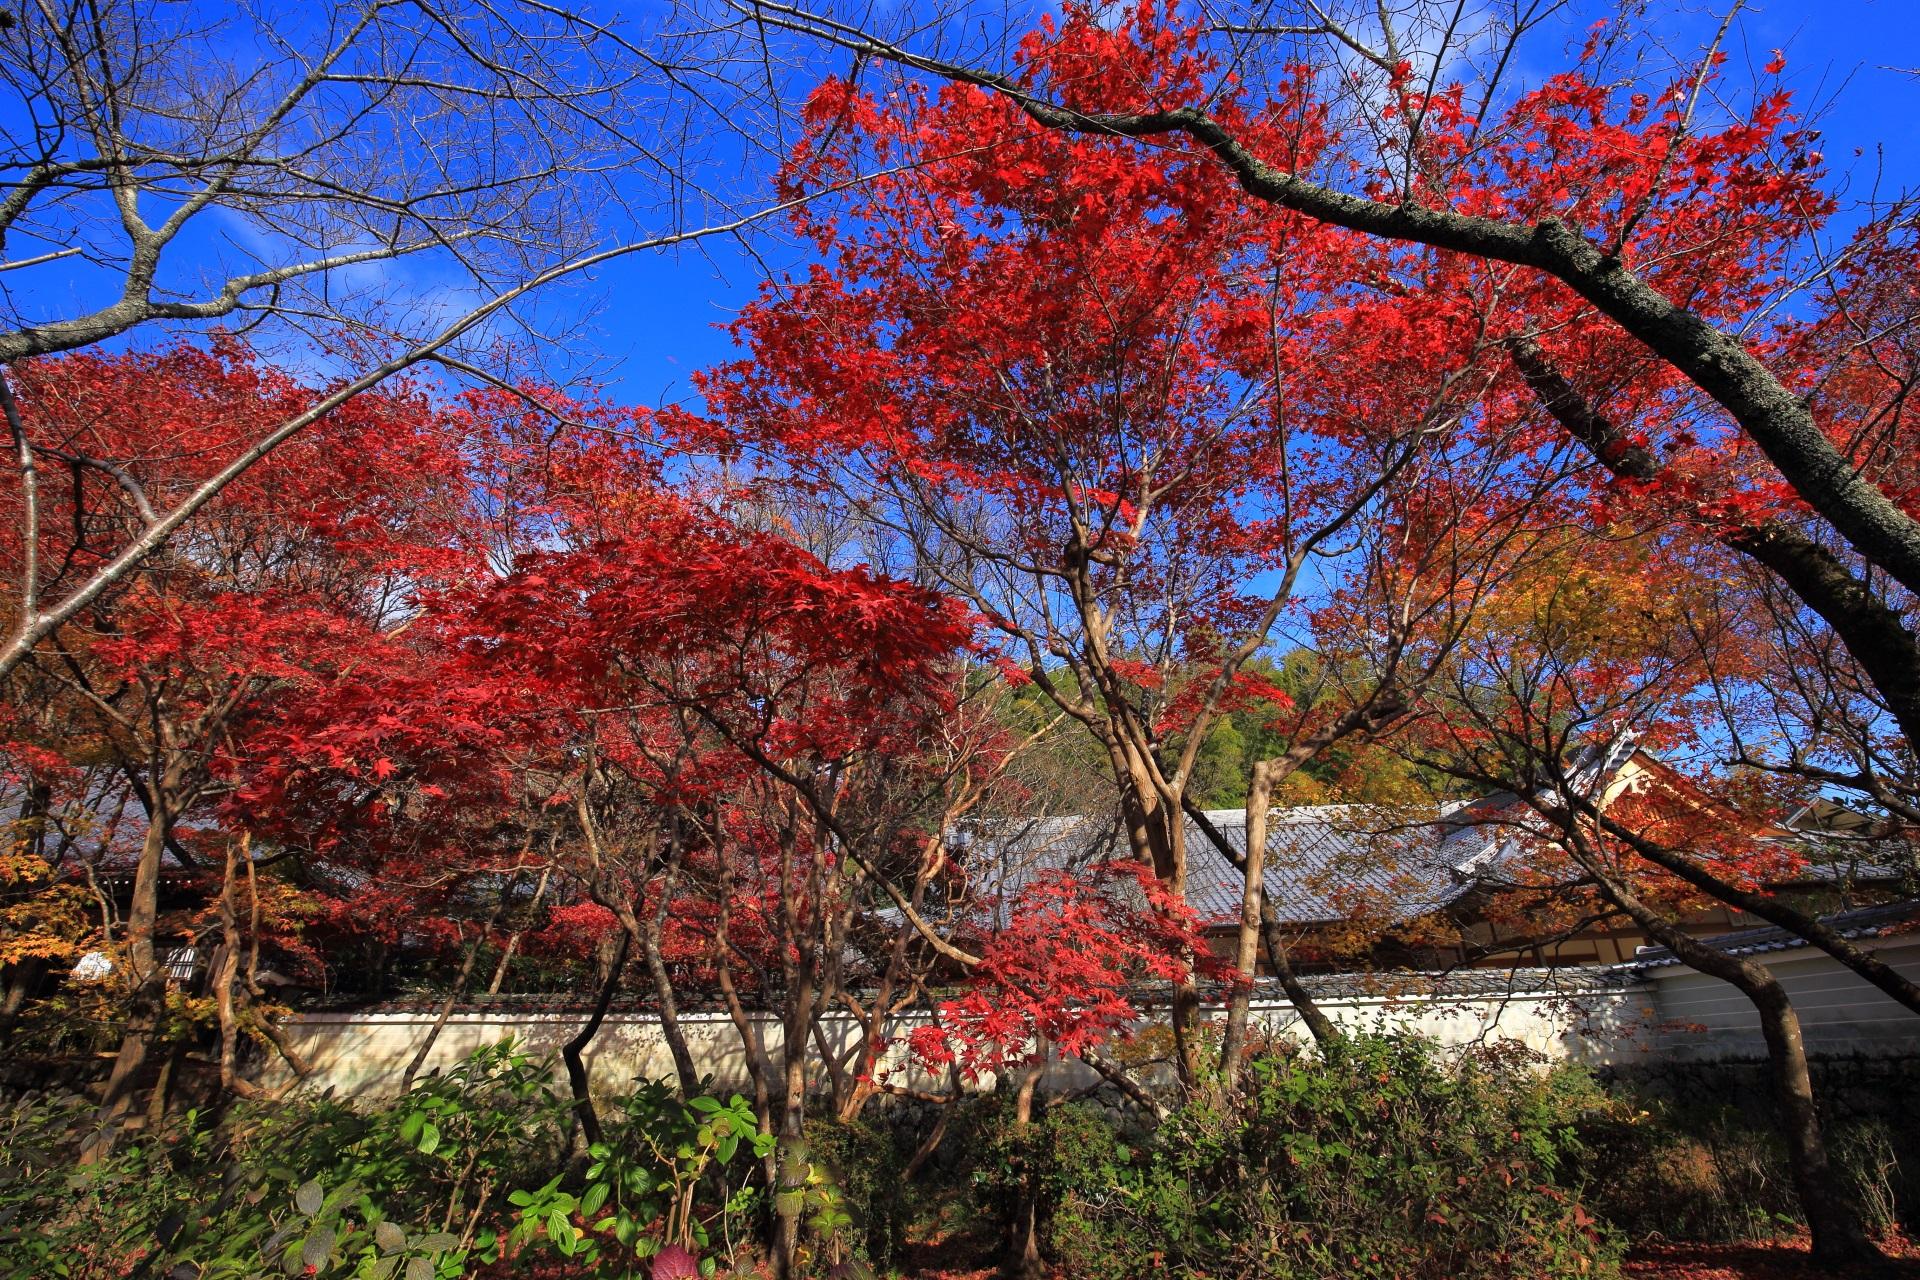 鮮やかに色づいた青空に映える鮮烈な赤色の紅葉